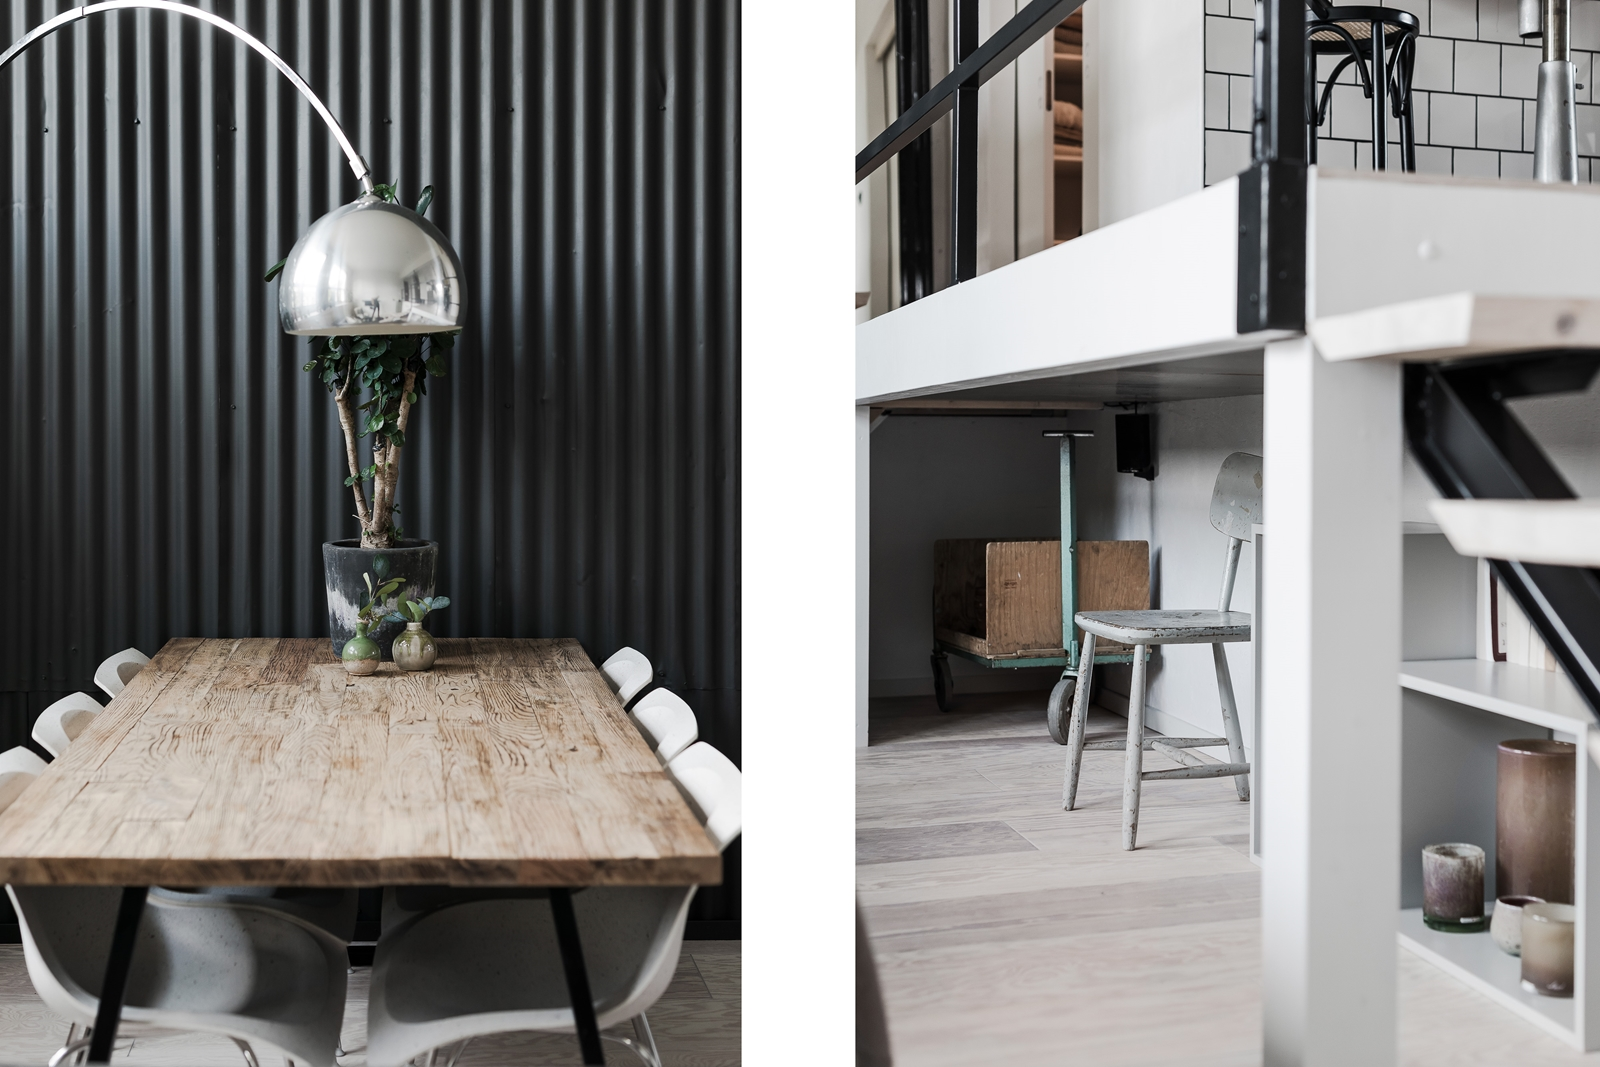 лестница черная стена деревянный стол